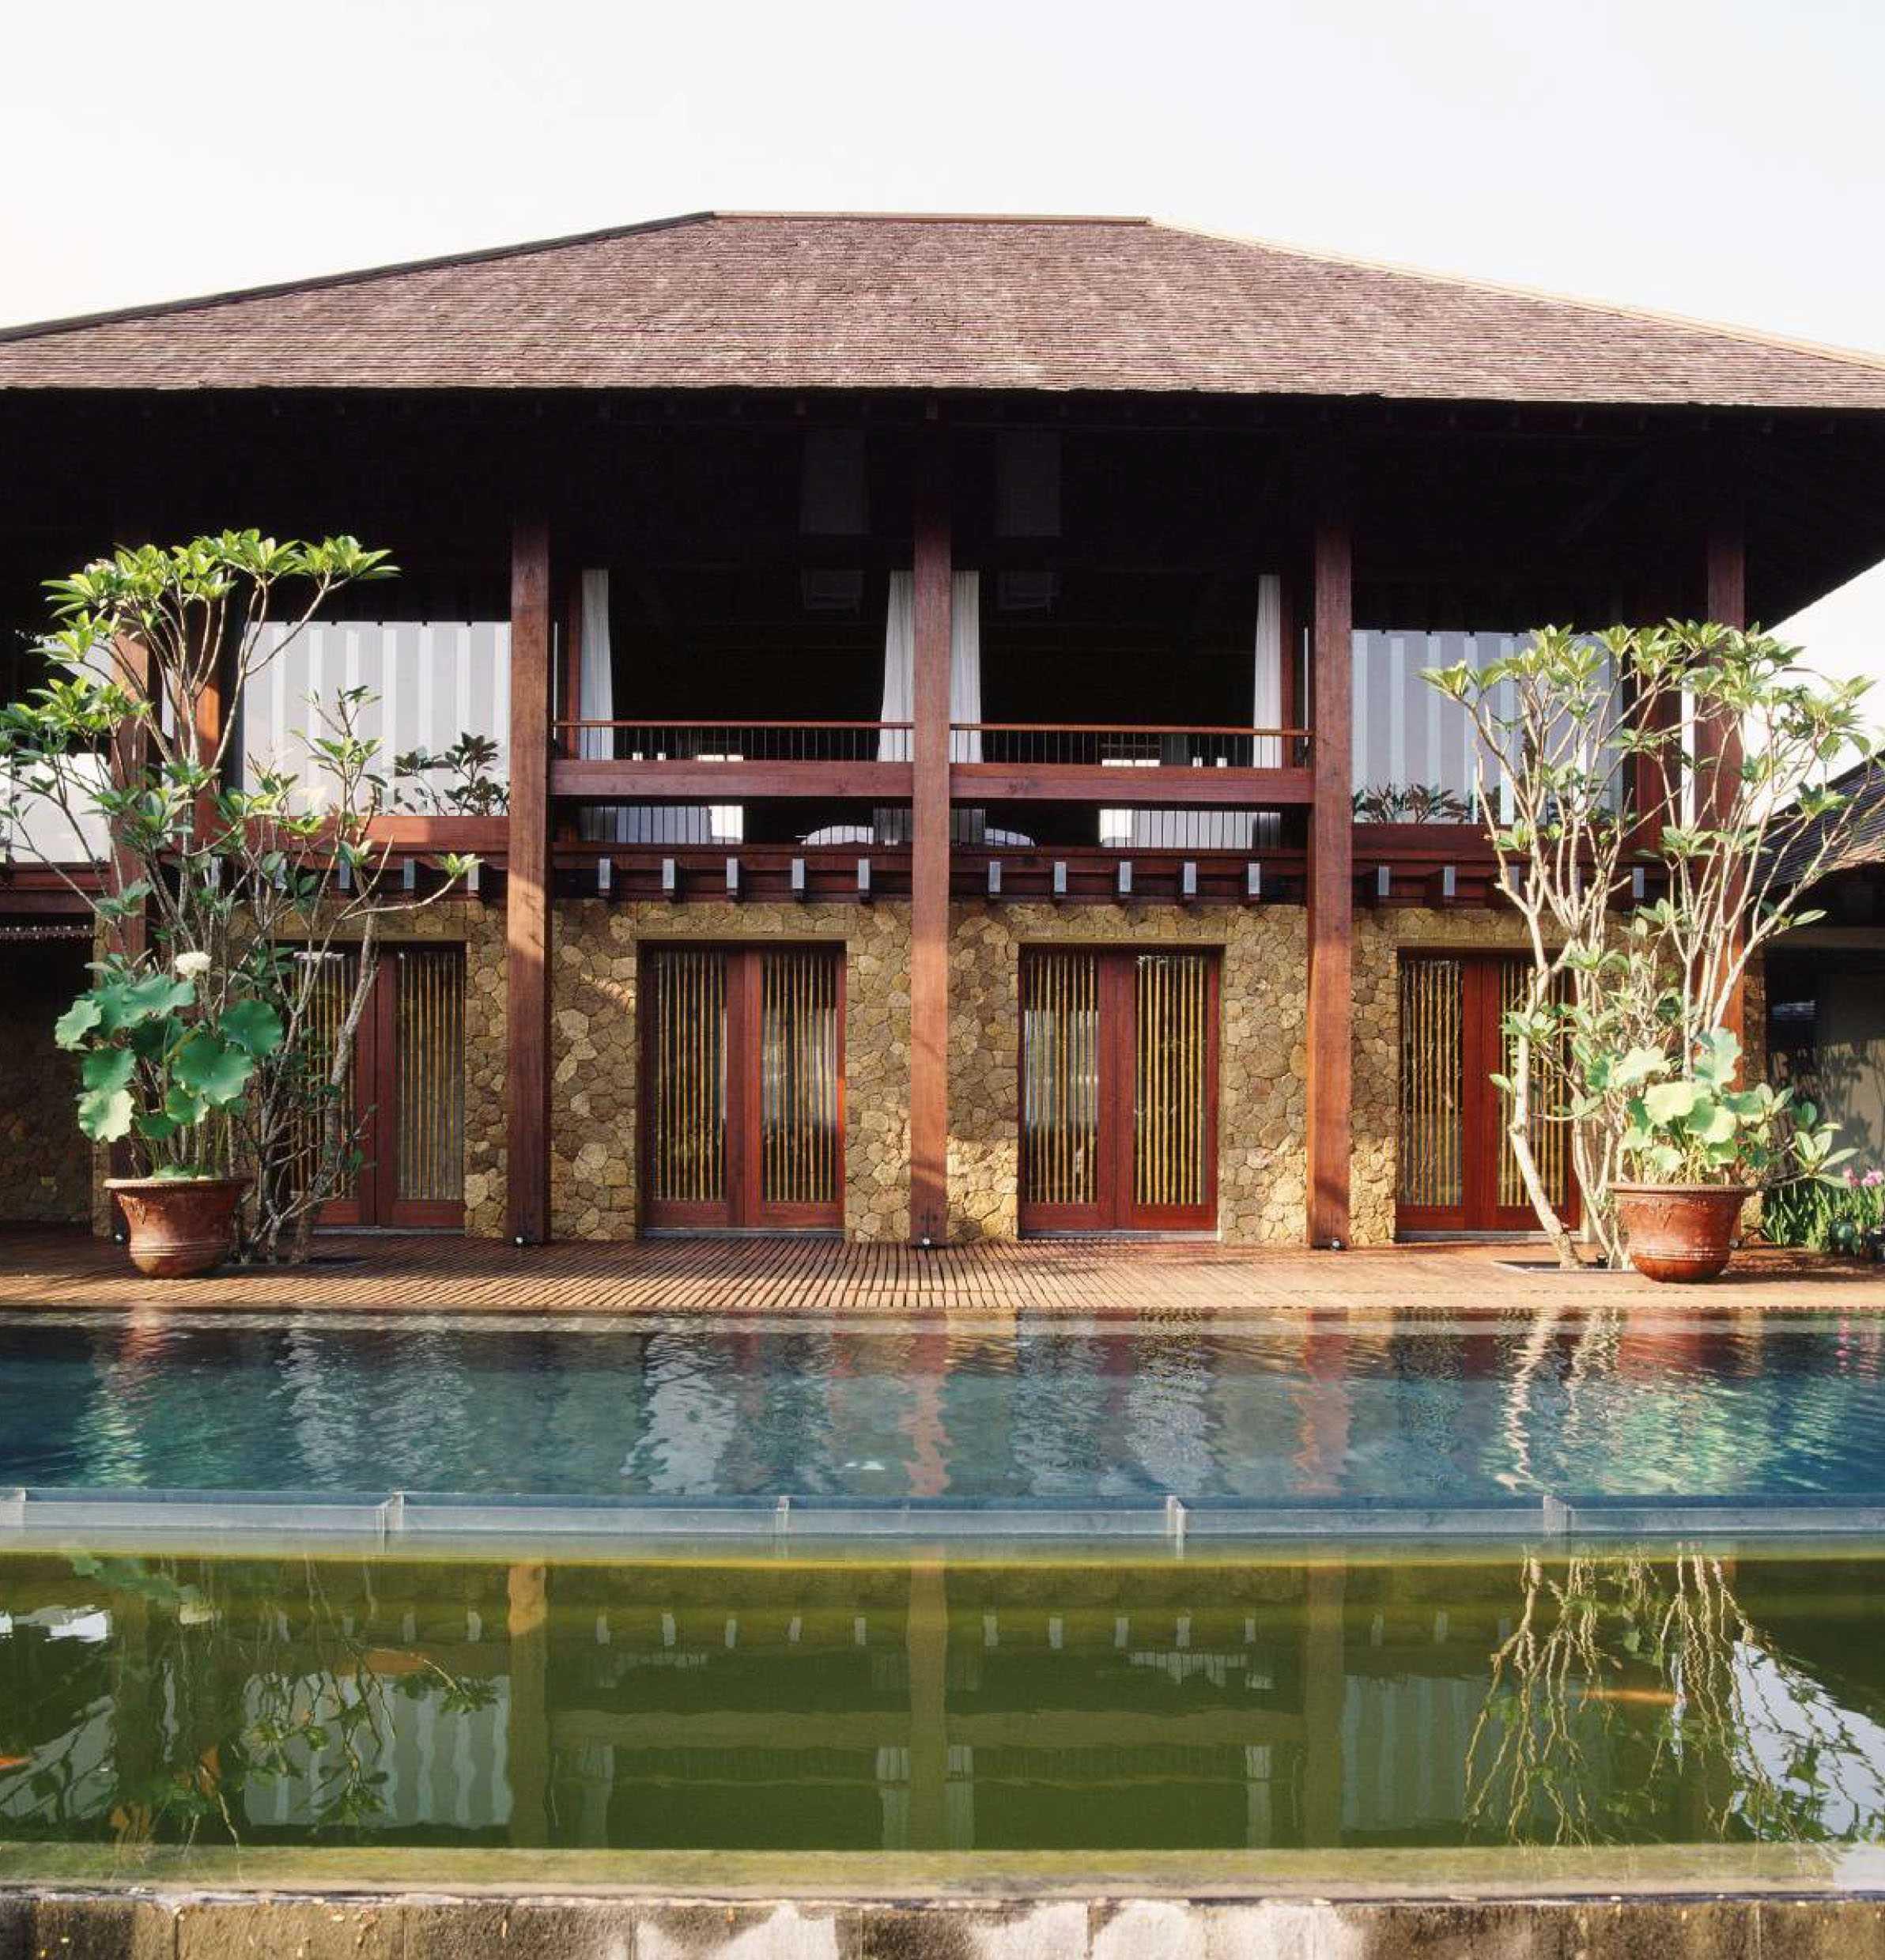 Studio Air Putih Ak_House Rancamaya, Bogor Rancamaya, Bogor Swimming Pool View Tradisional  25022